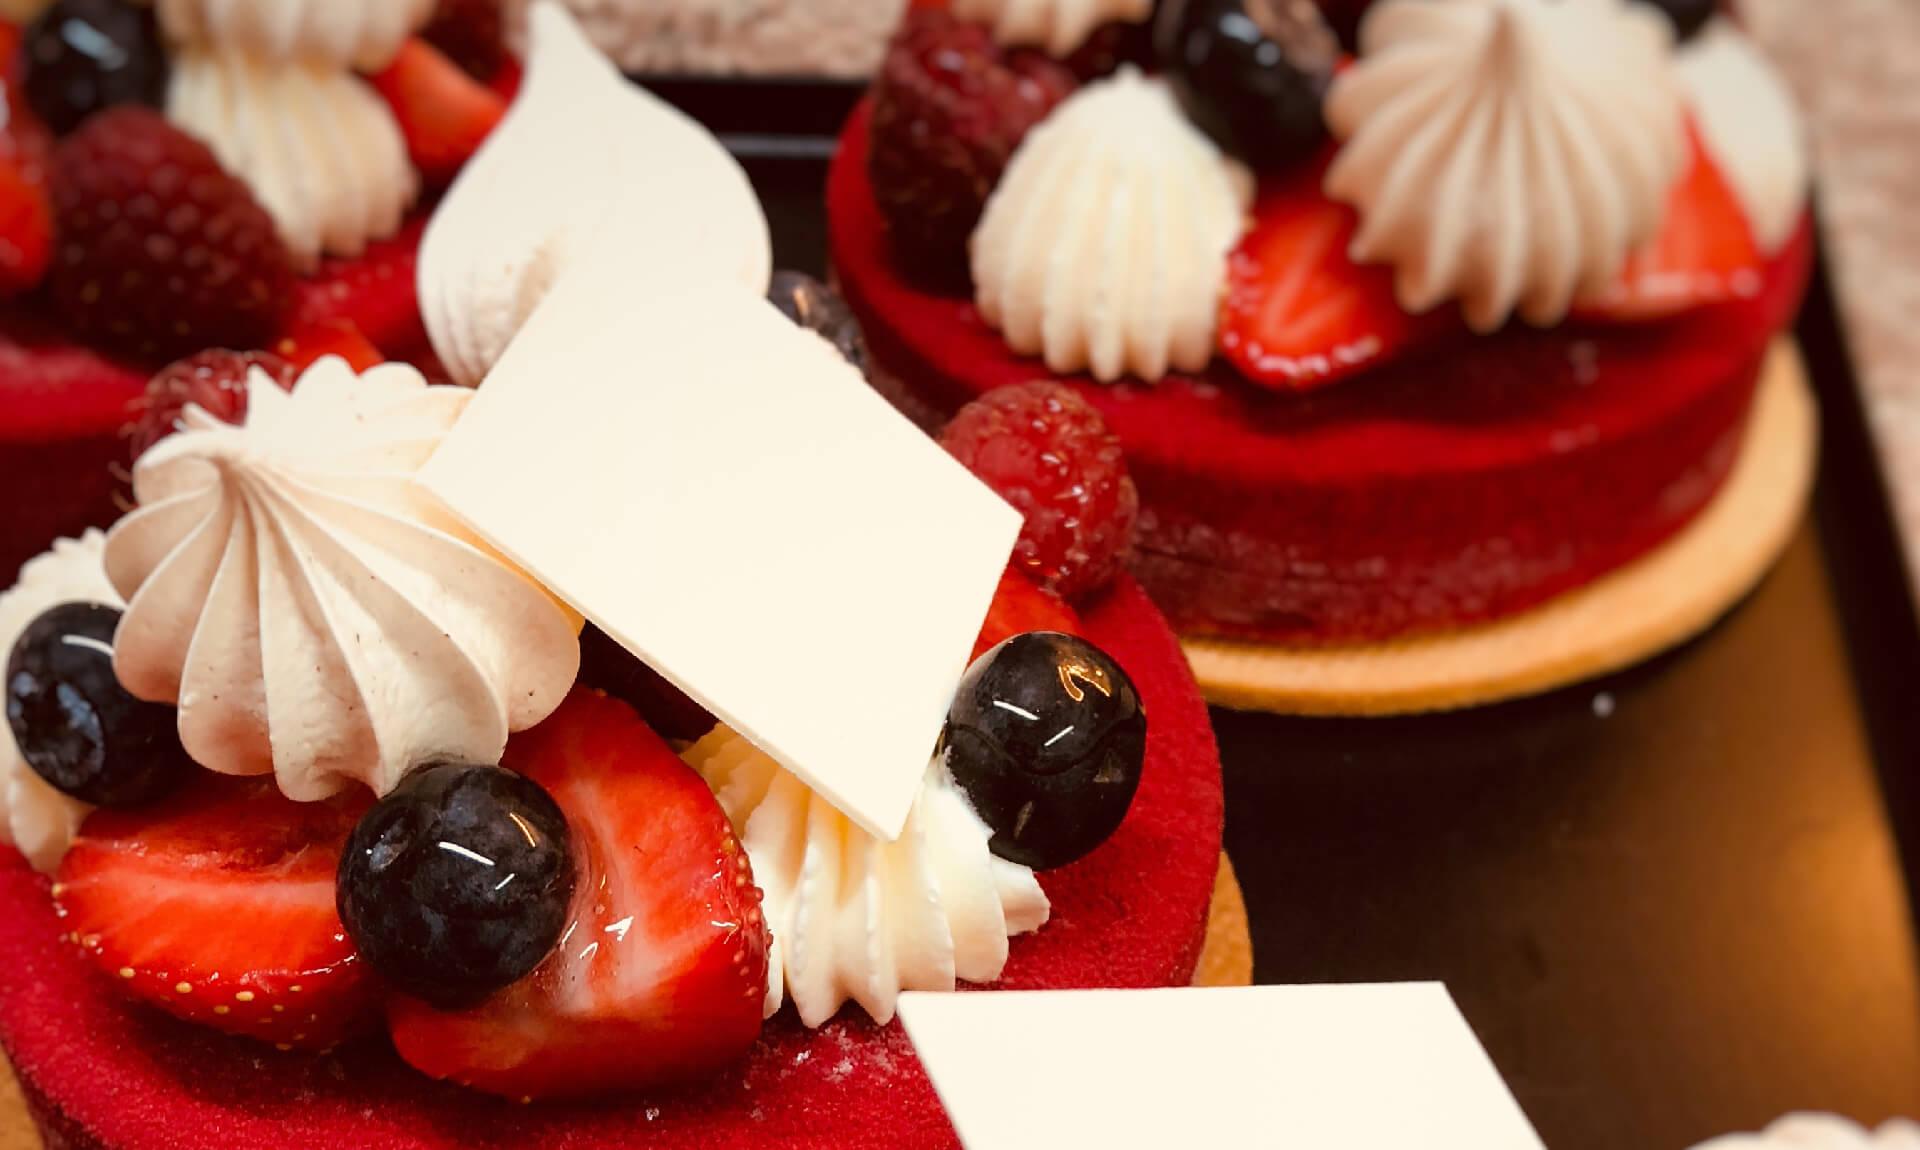 Cukiernia Sugar | Prawdopodobnie najlepsza cukiernia w Suwałkach